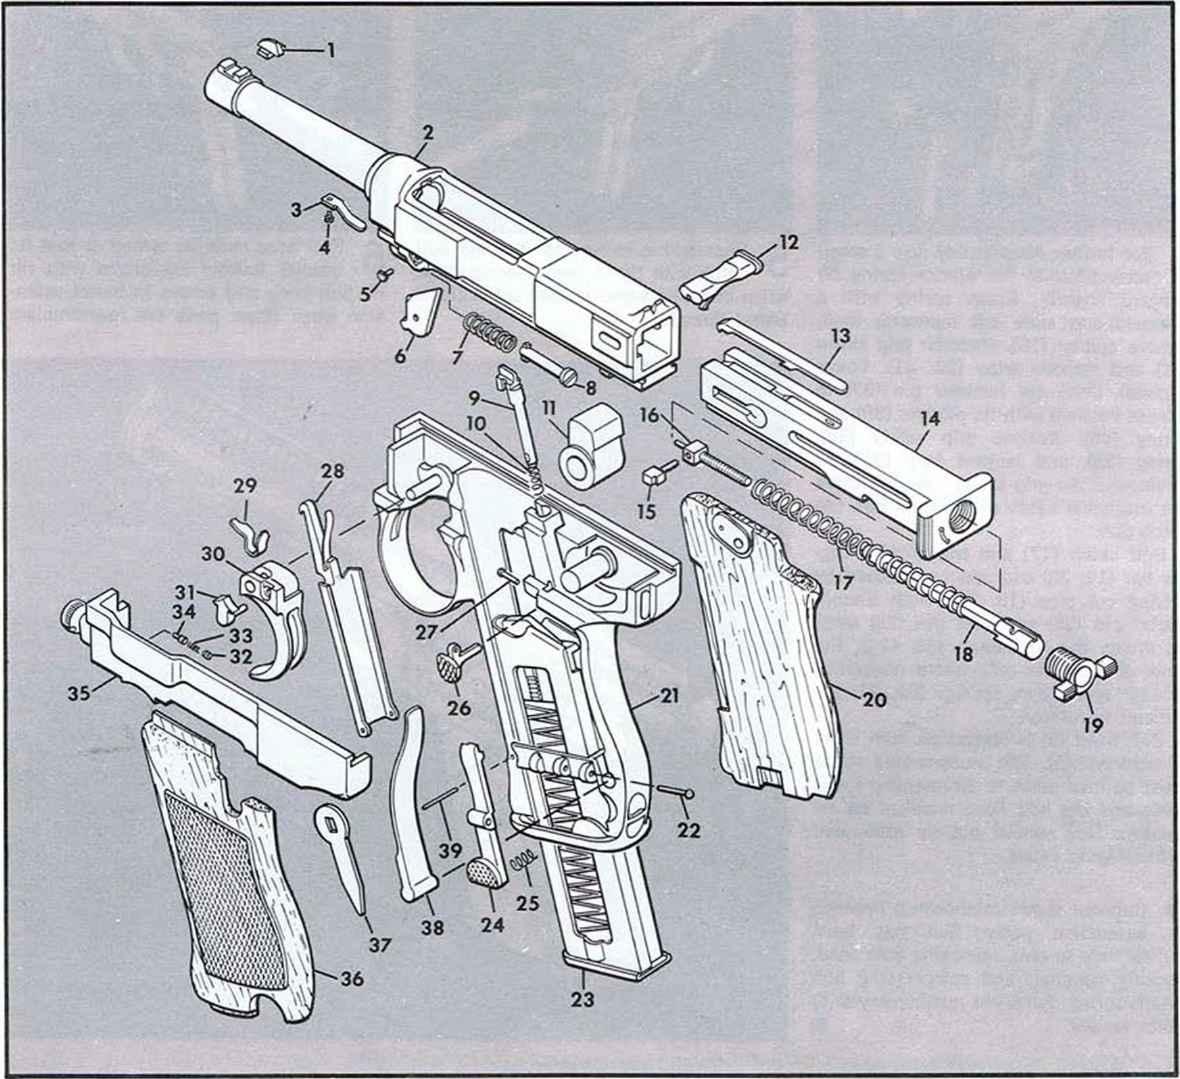 The Glisenti Ml - Firearms Assembly - Bev Fitchett's Guns Magazine